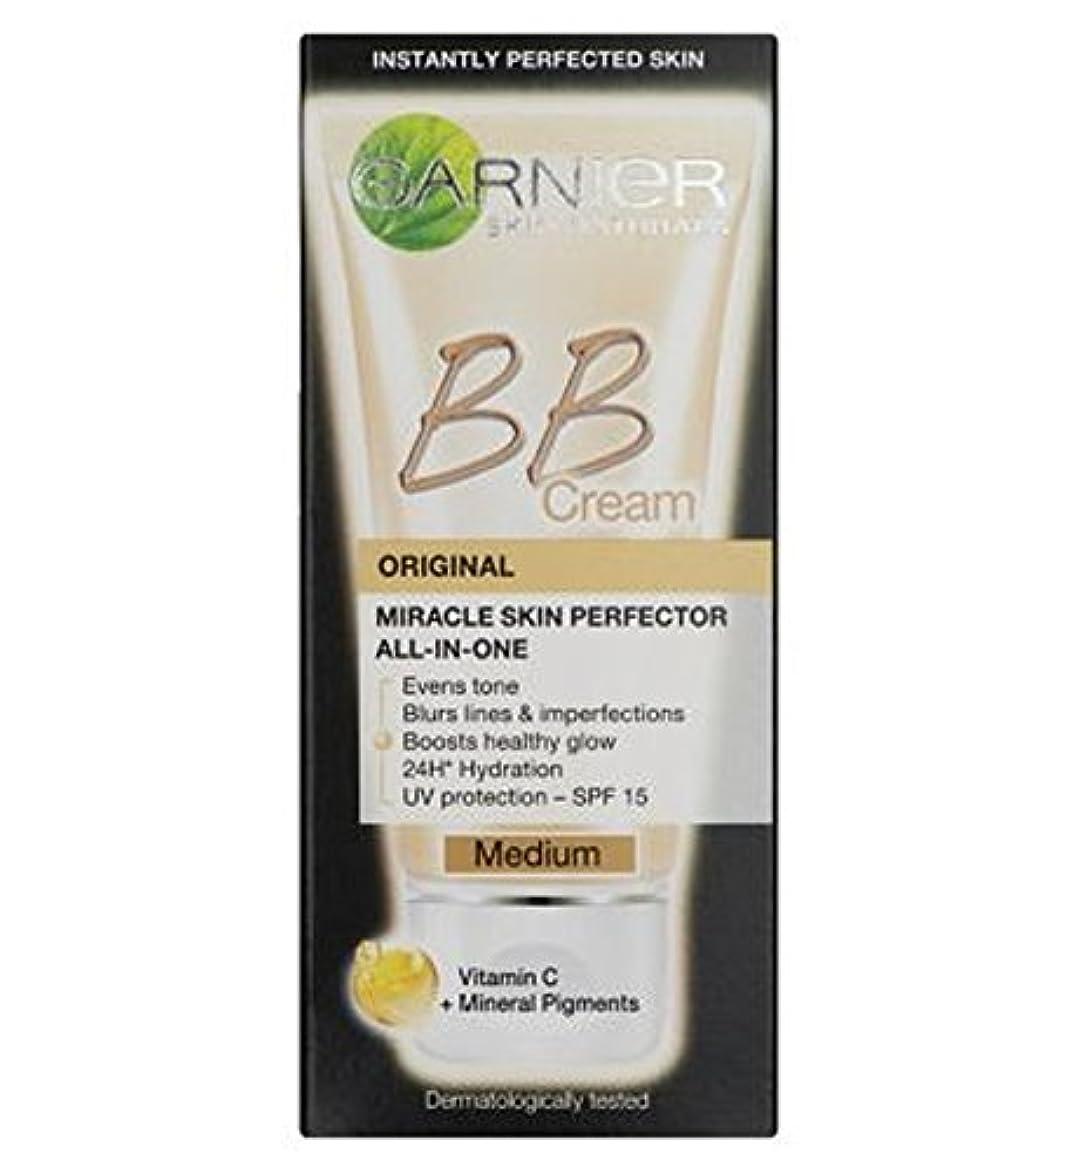 君主制振り返る電子レンジGarnier Skin Perfector Daily All-In-One B.B. Blemish Balm Cream Medium 50ml - 毎日オールインワンB.B.ガルニエスキンパーフェク傷バームクリーム...